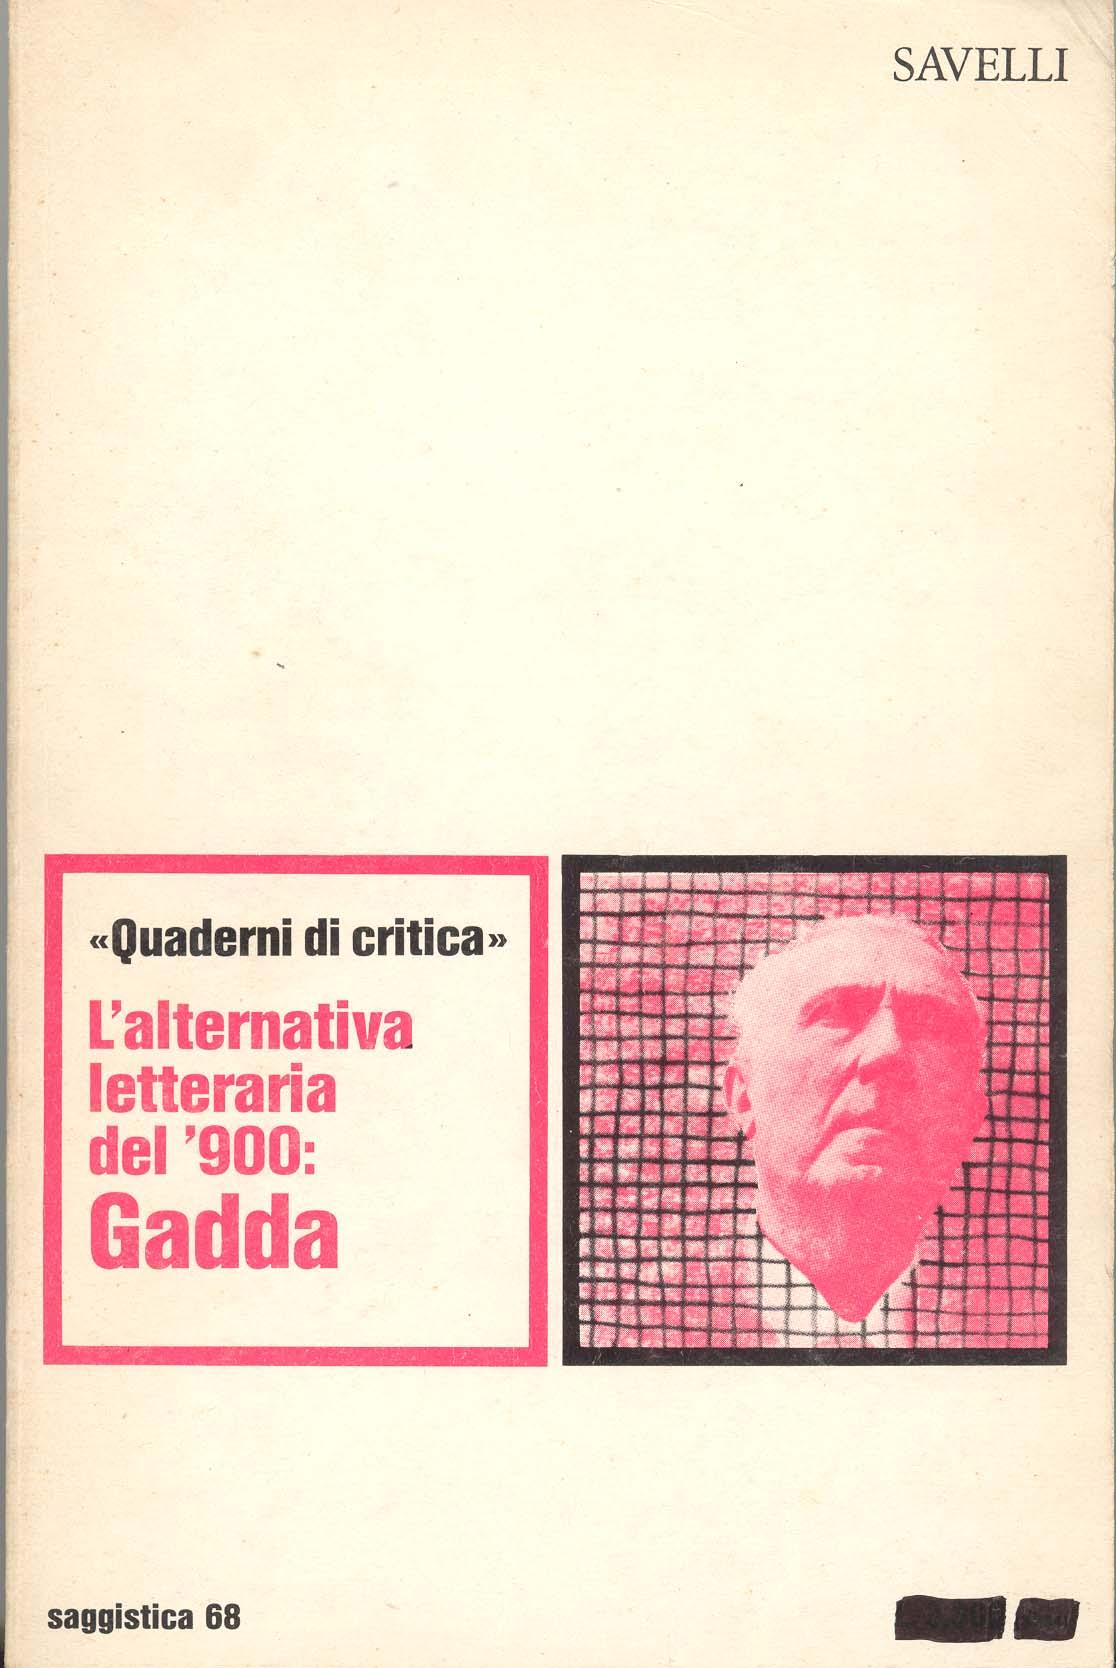 L'alternativa letteraria del '900: Gadda